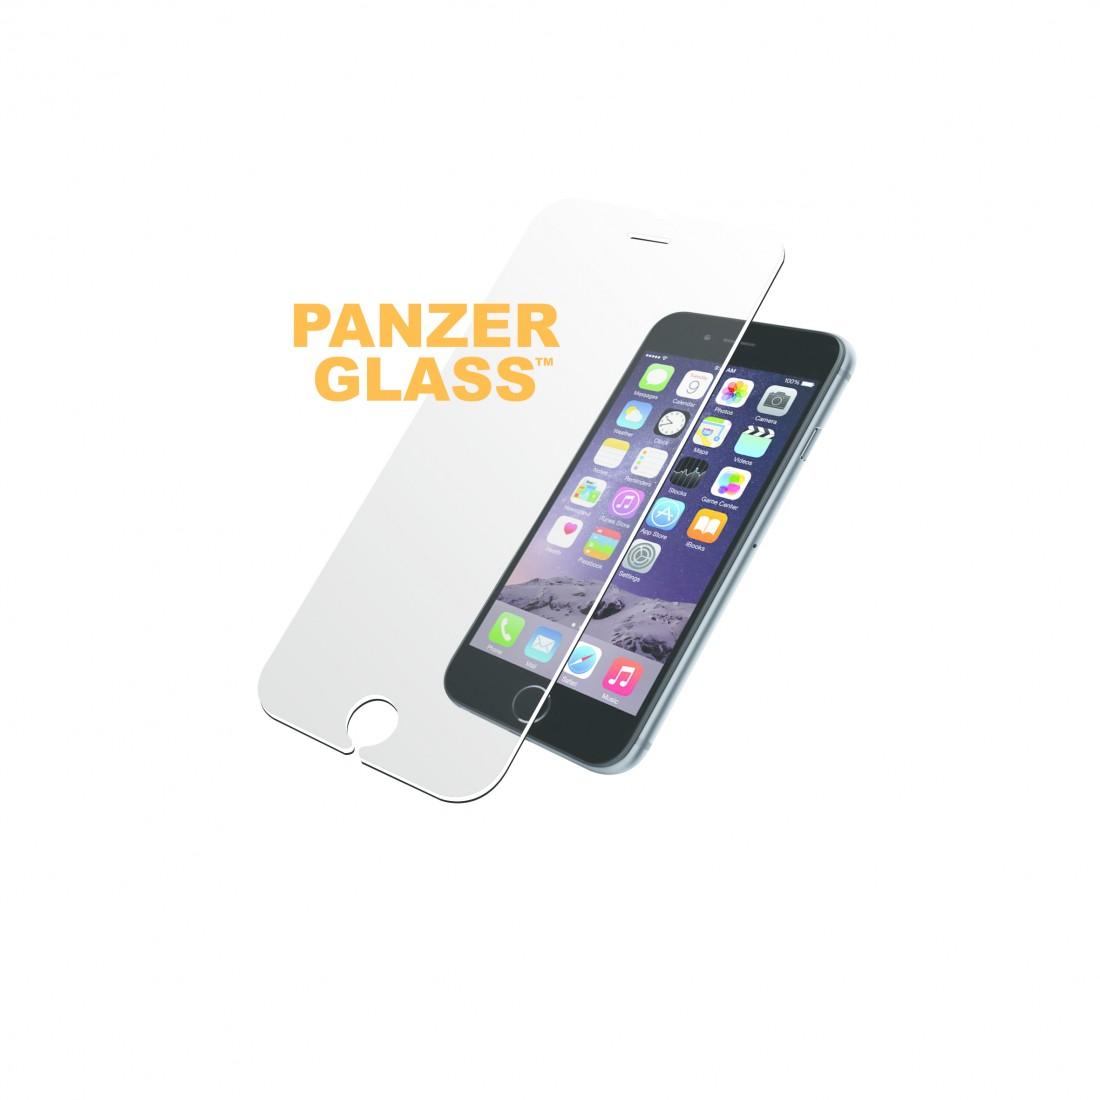 Cristal templado - Panzerglass P166255, Iphone 6/6S